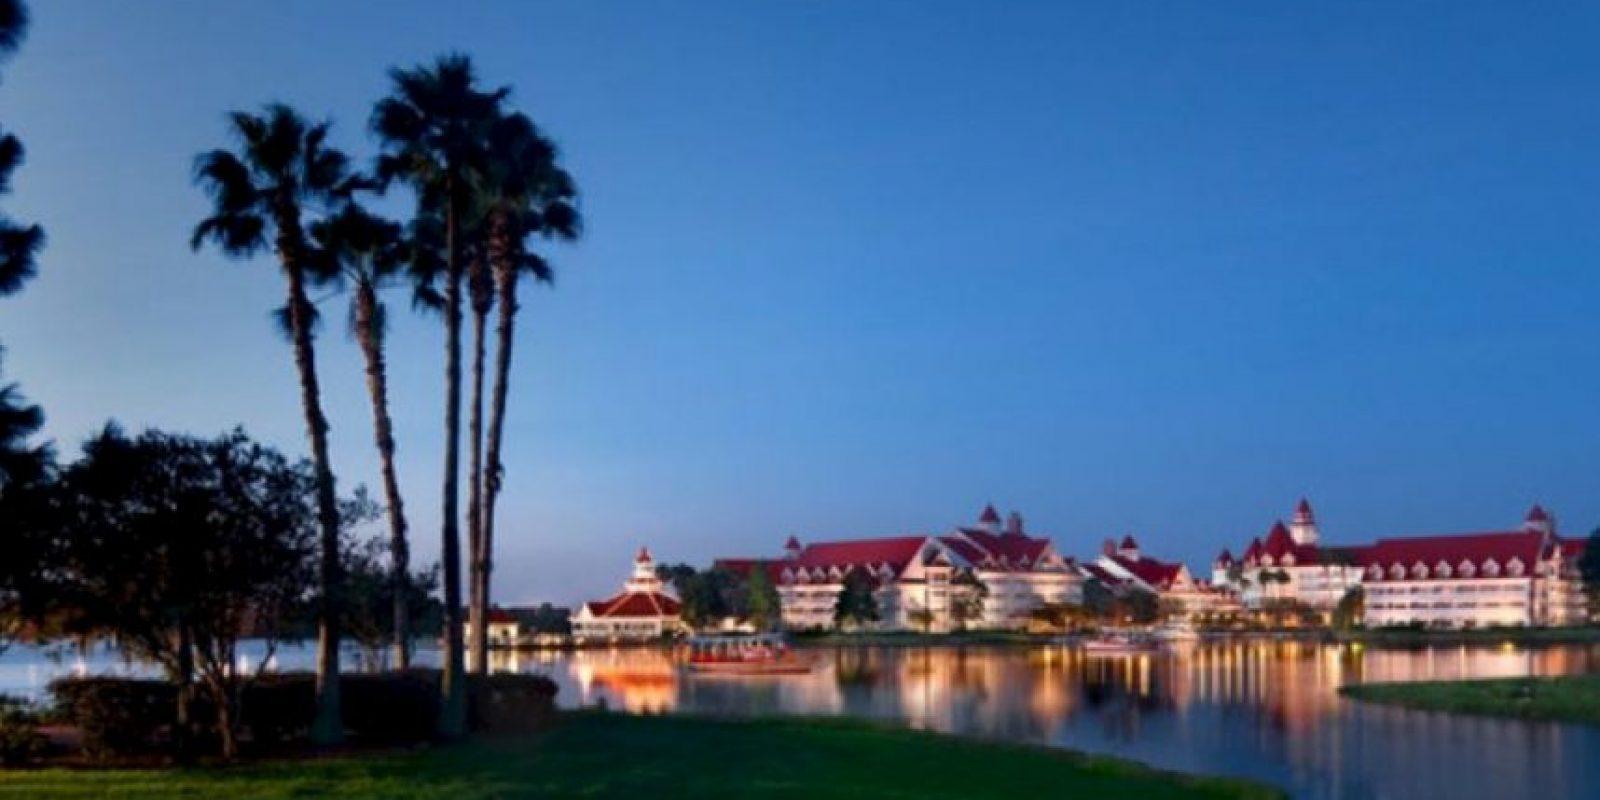 También cuenta con una bañera de hidromasaje Foto:Disneyworld.disney.go.com. Imagen Por: